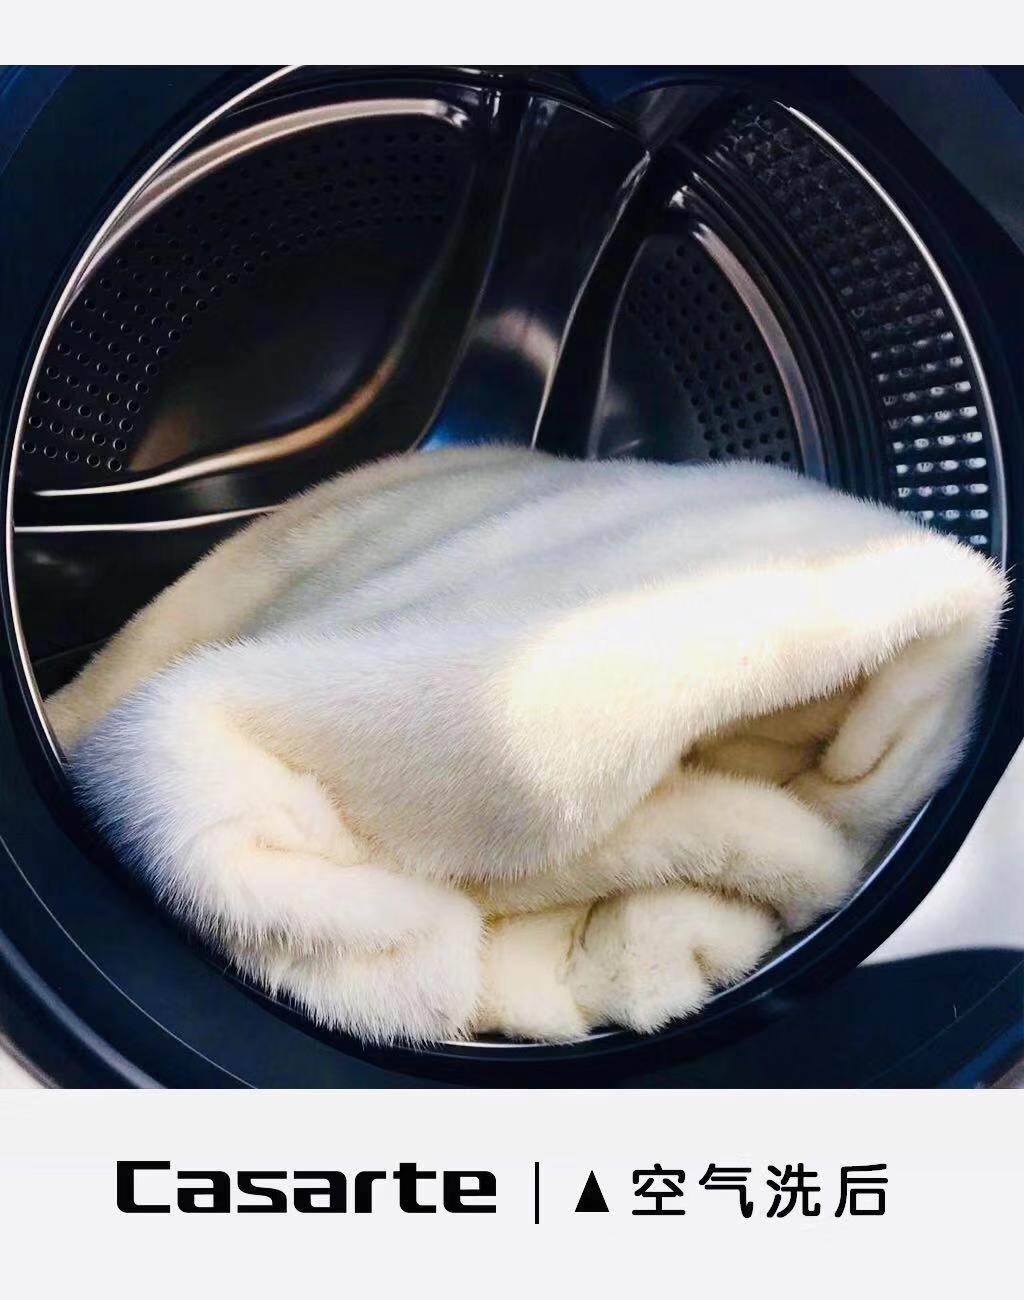 """洗衣界的""""明星"""",空气洗真是个好东西"""